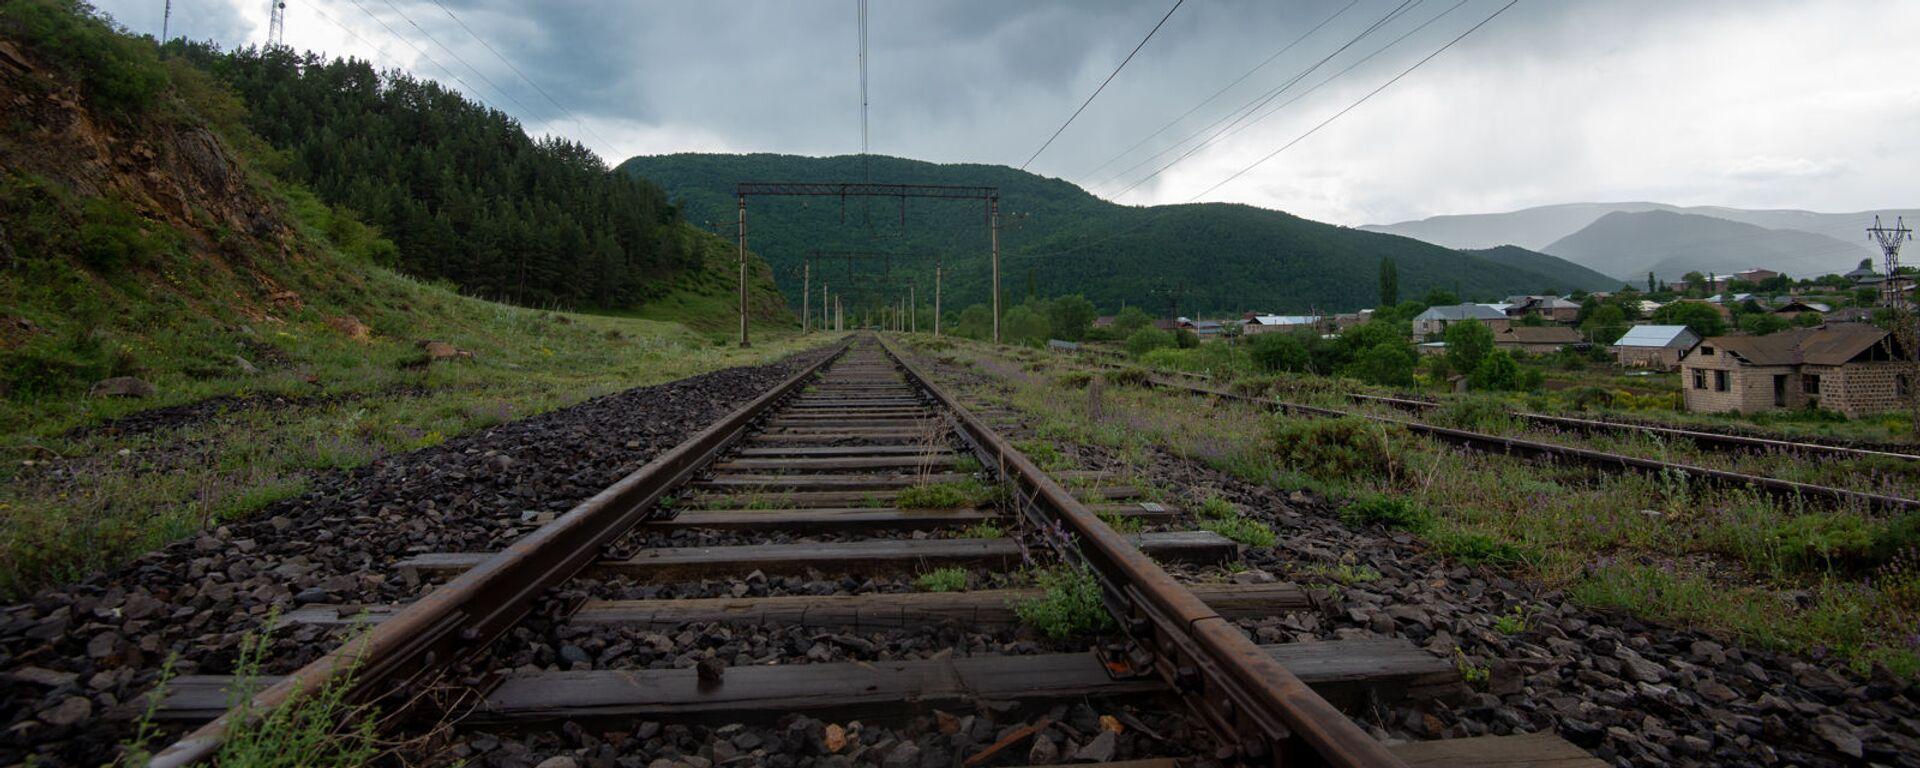 Железная дорога - Sputnik Армения, 1920, 02.07.2021